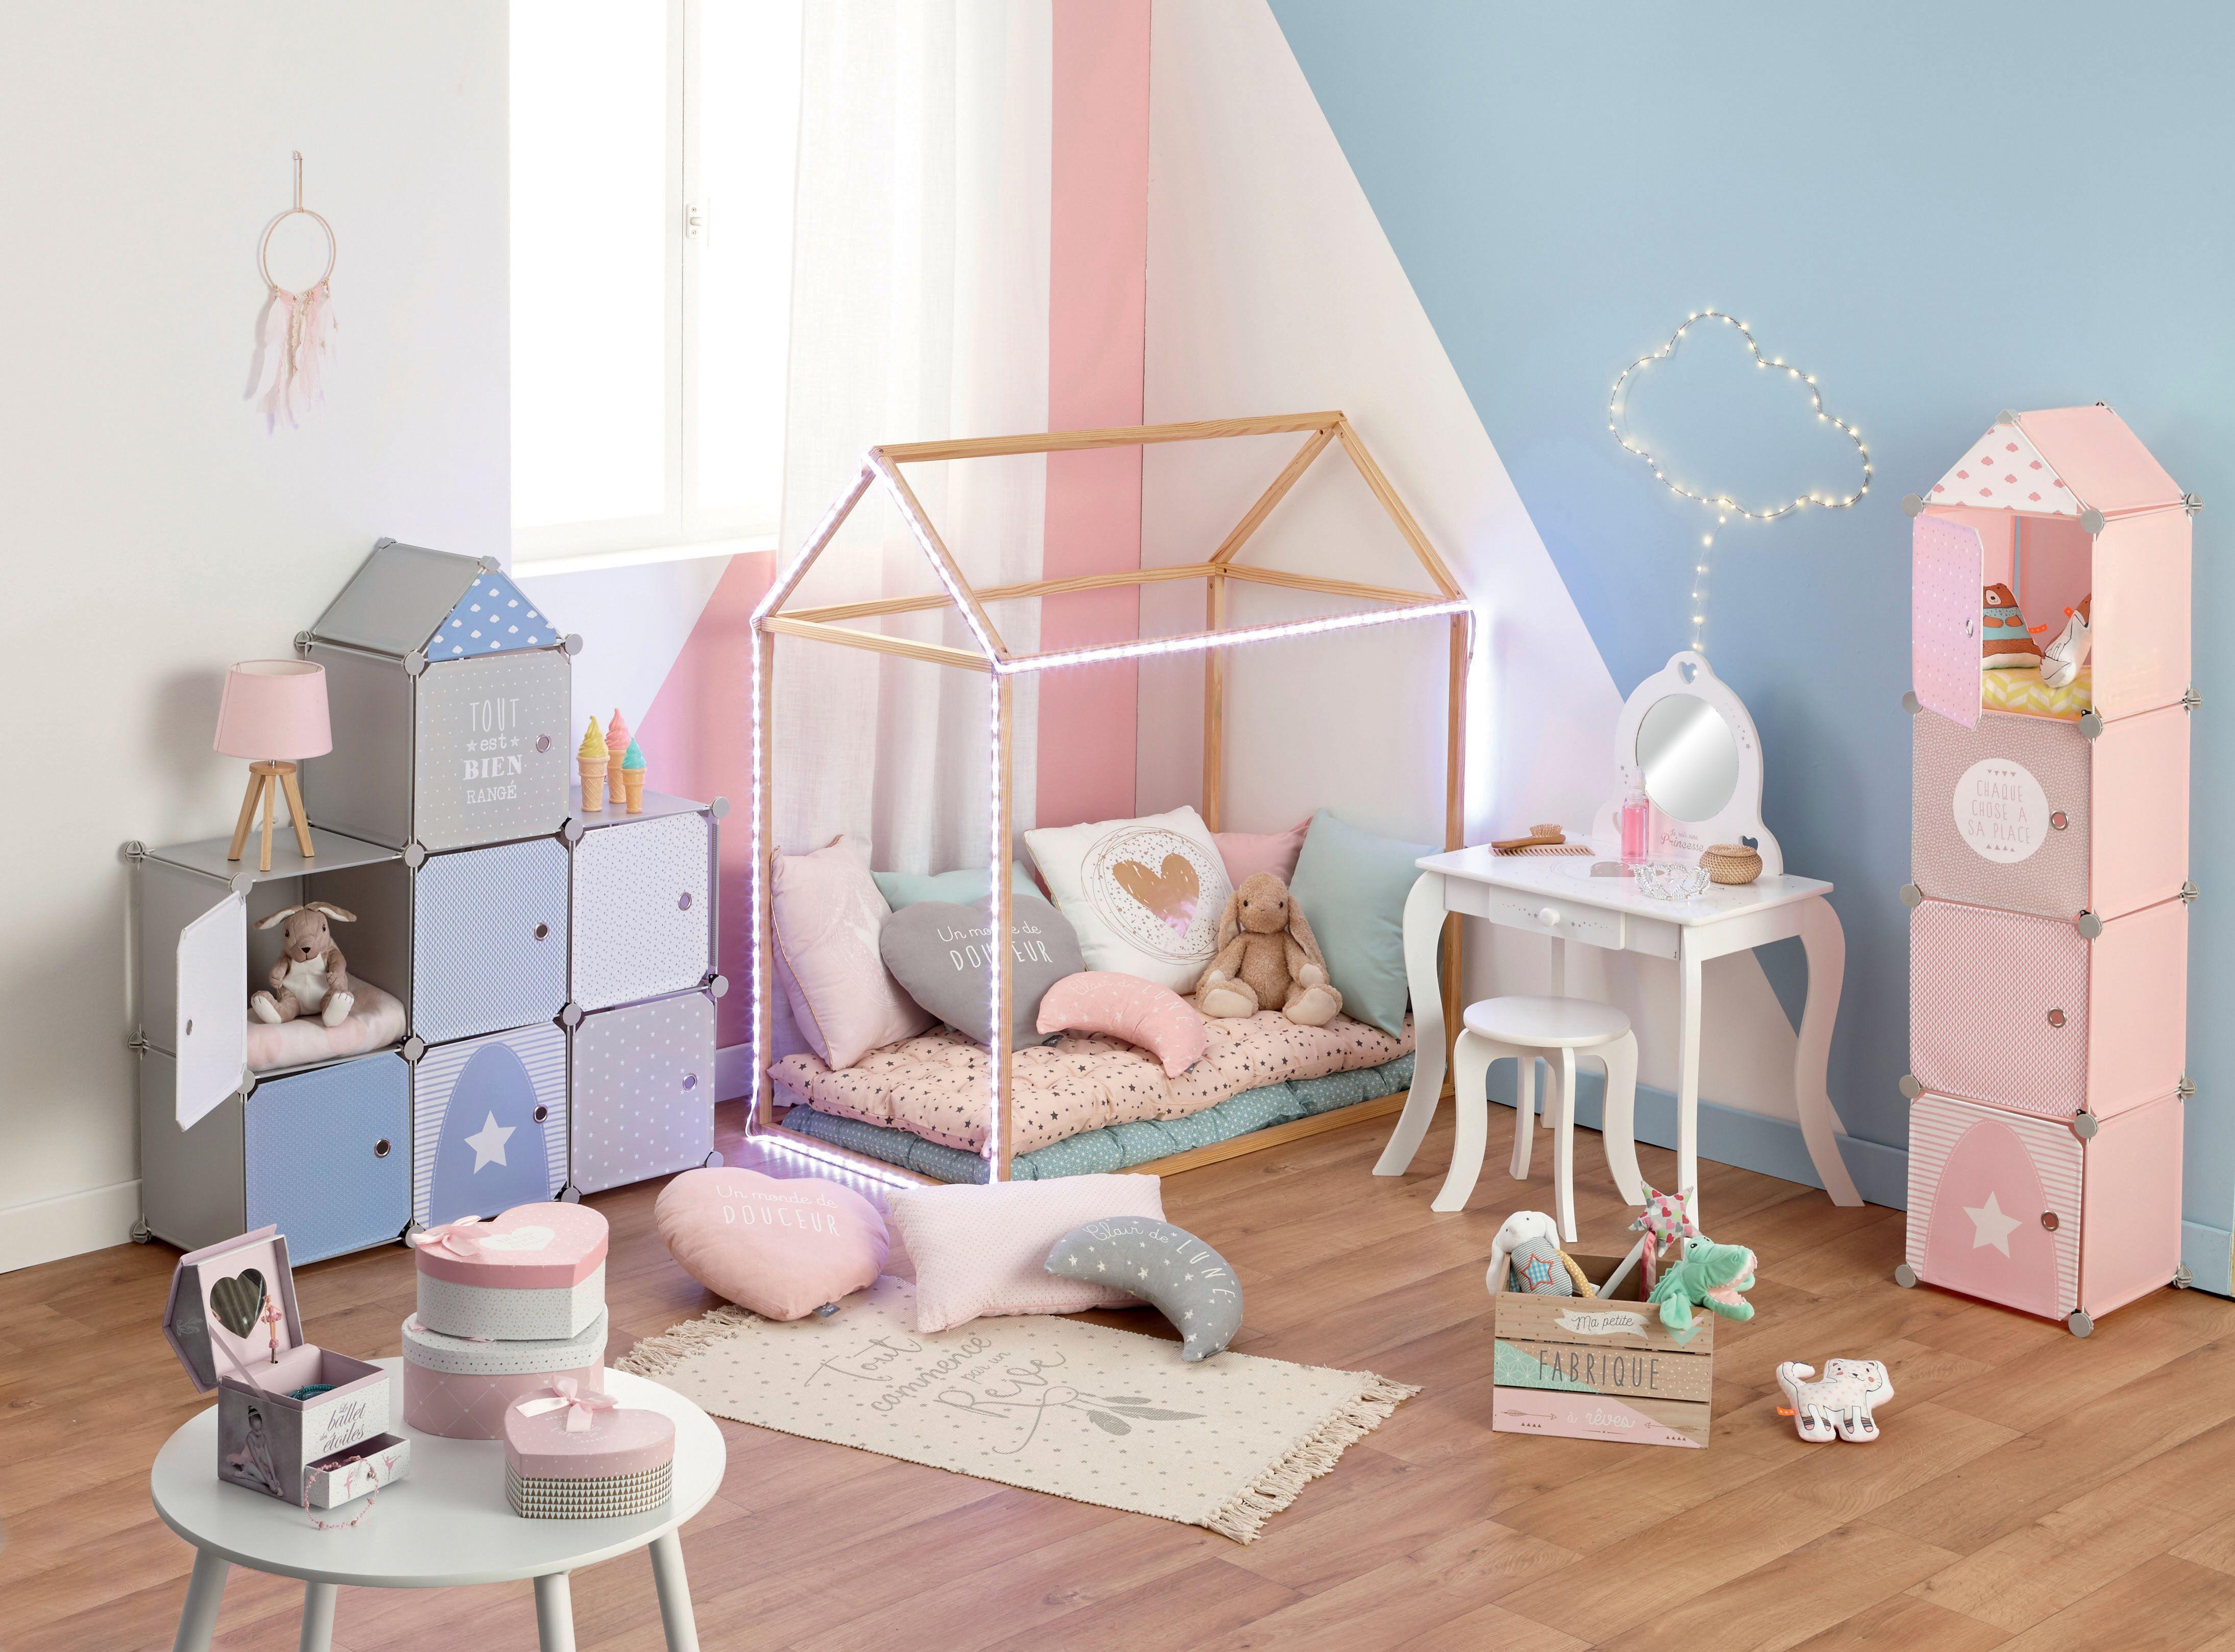 Chambre enfant fille → Centrakor  Chambre enfant, Chambre enfant